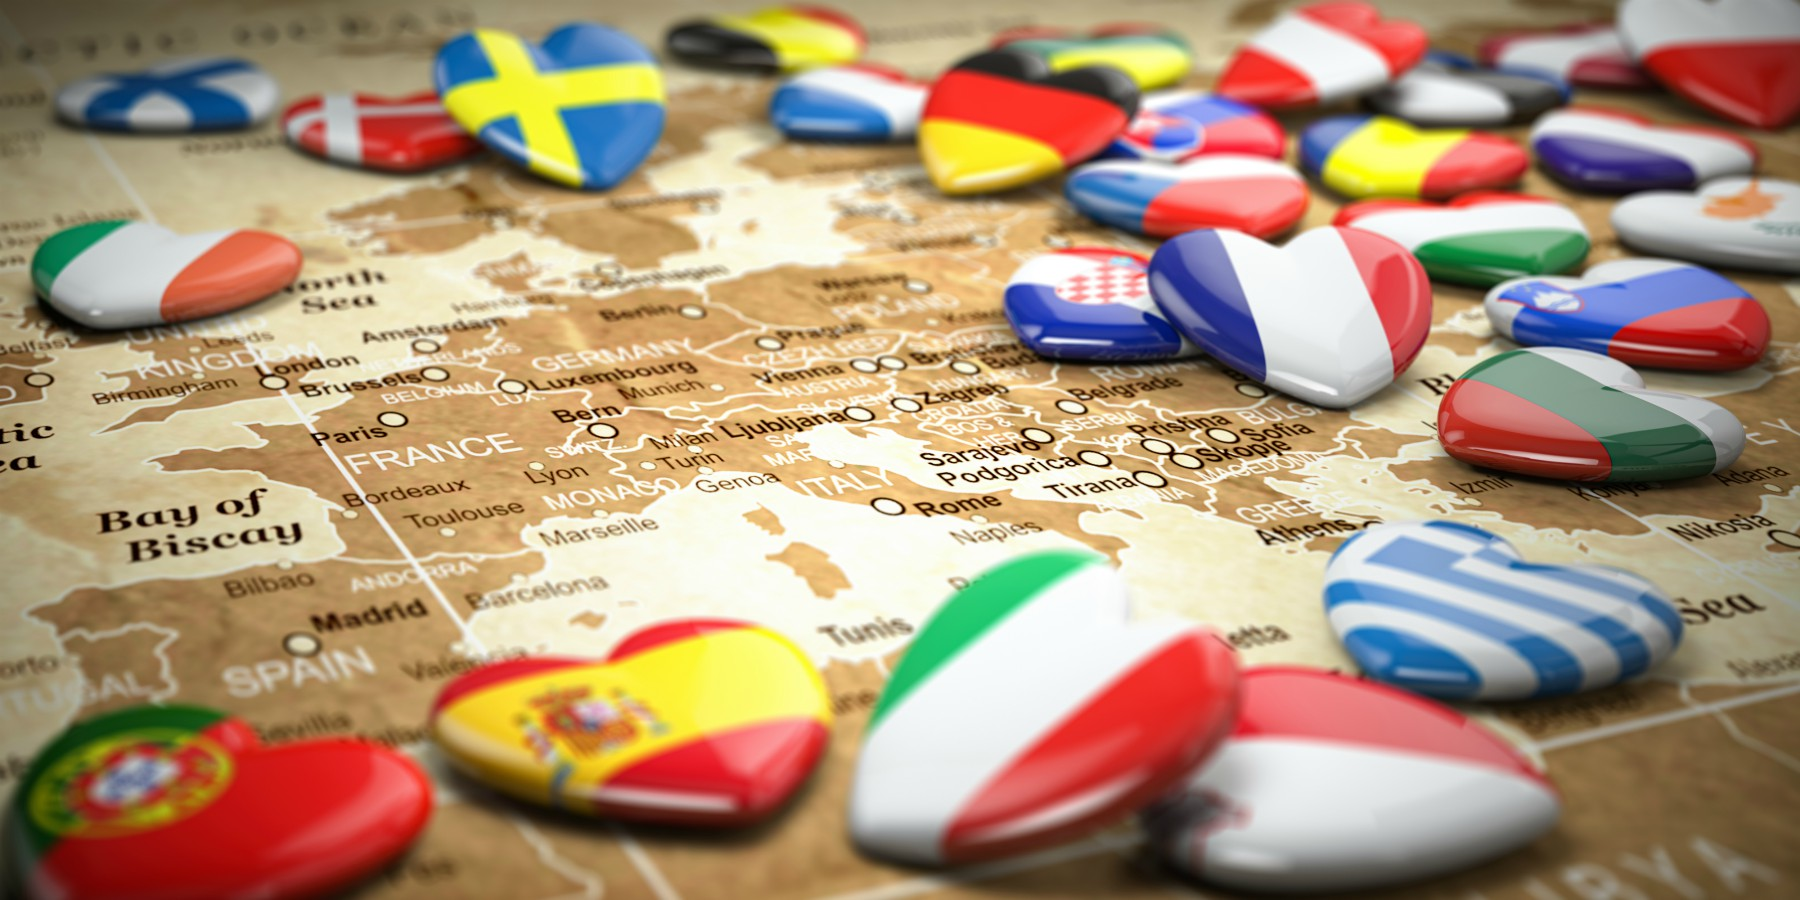 L'Unione dà la forza: ecco le misure di sostegno al turismo dell'UE